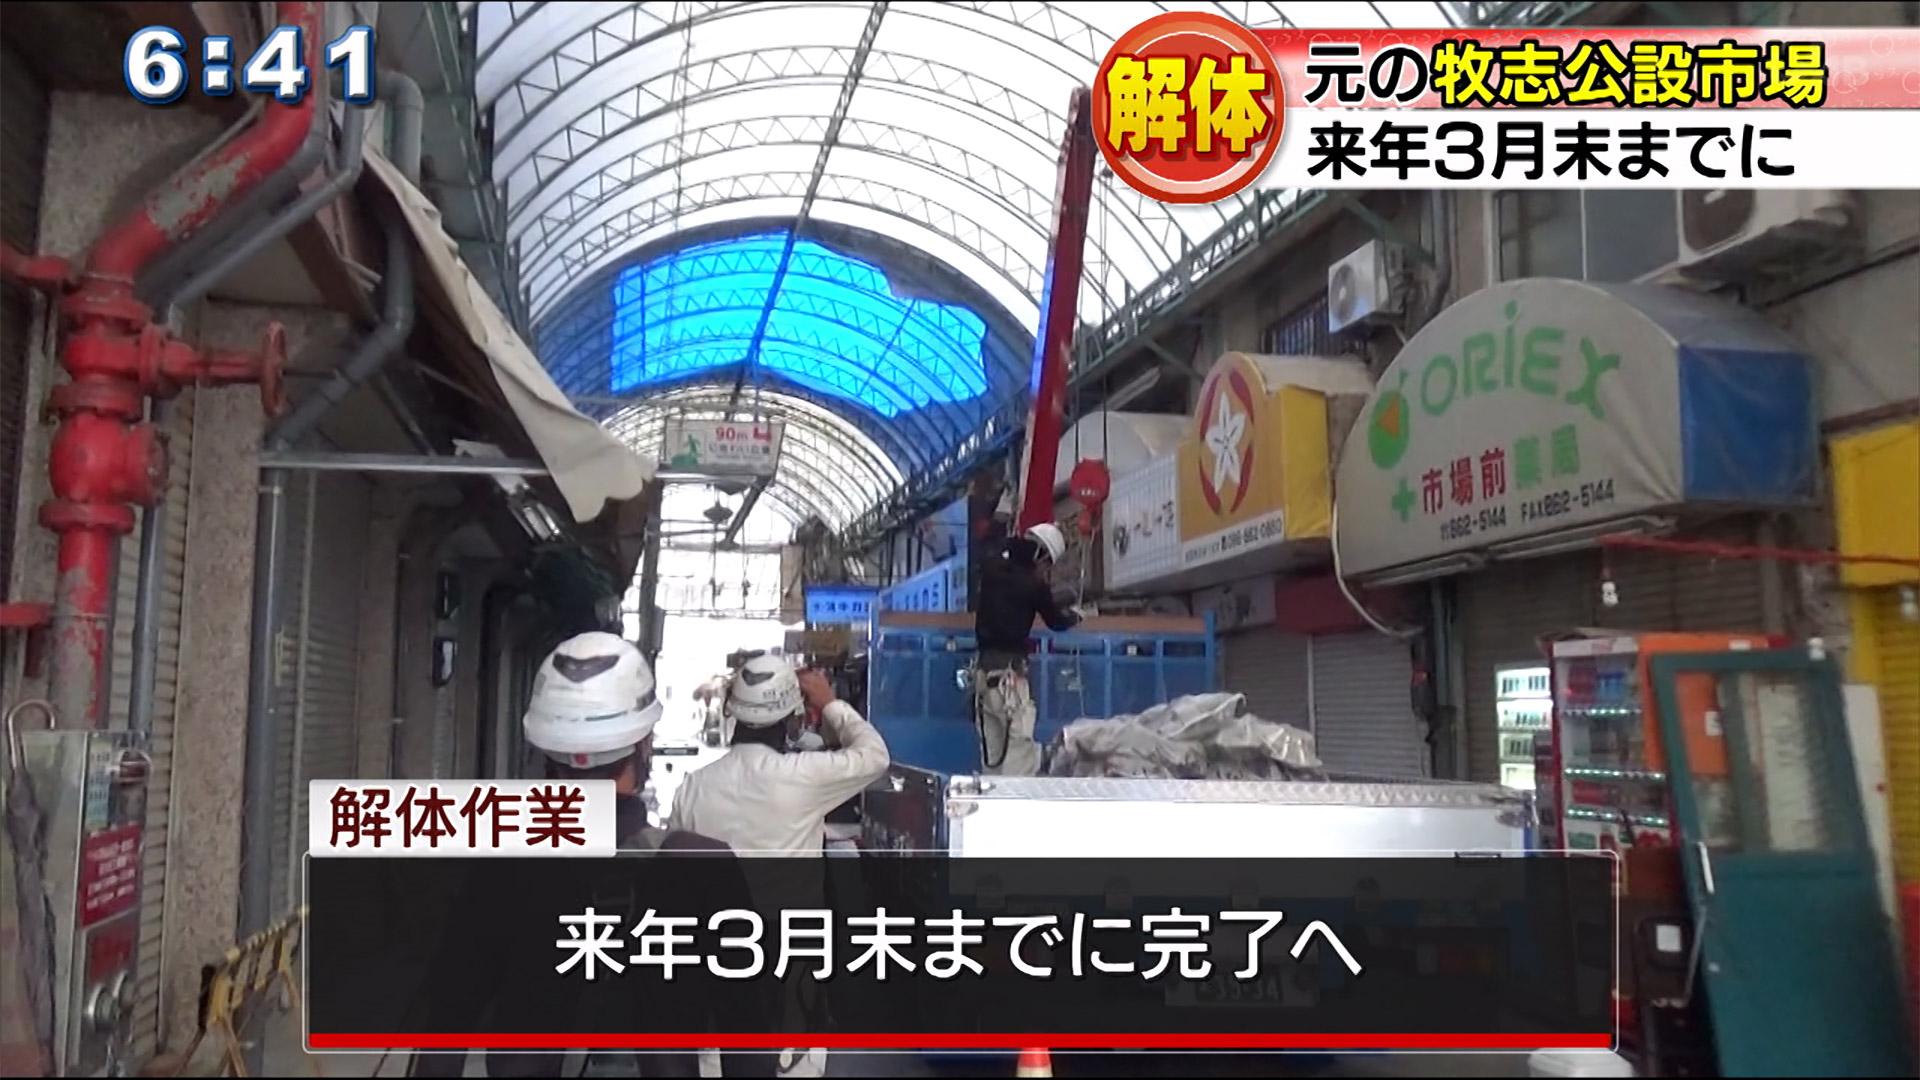 元の牧志公設市場 解体工事始まる